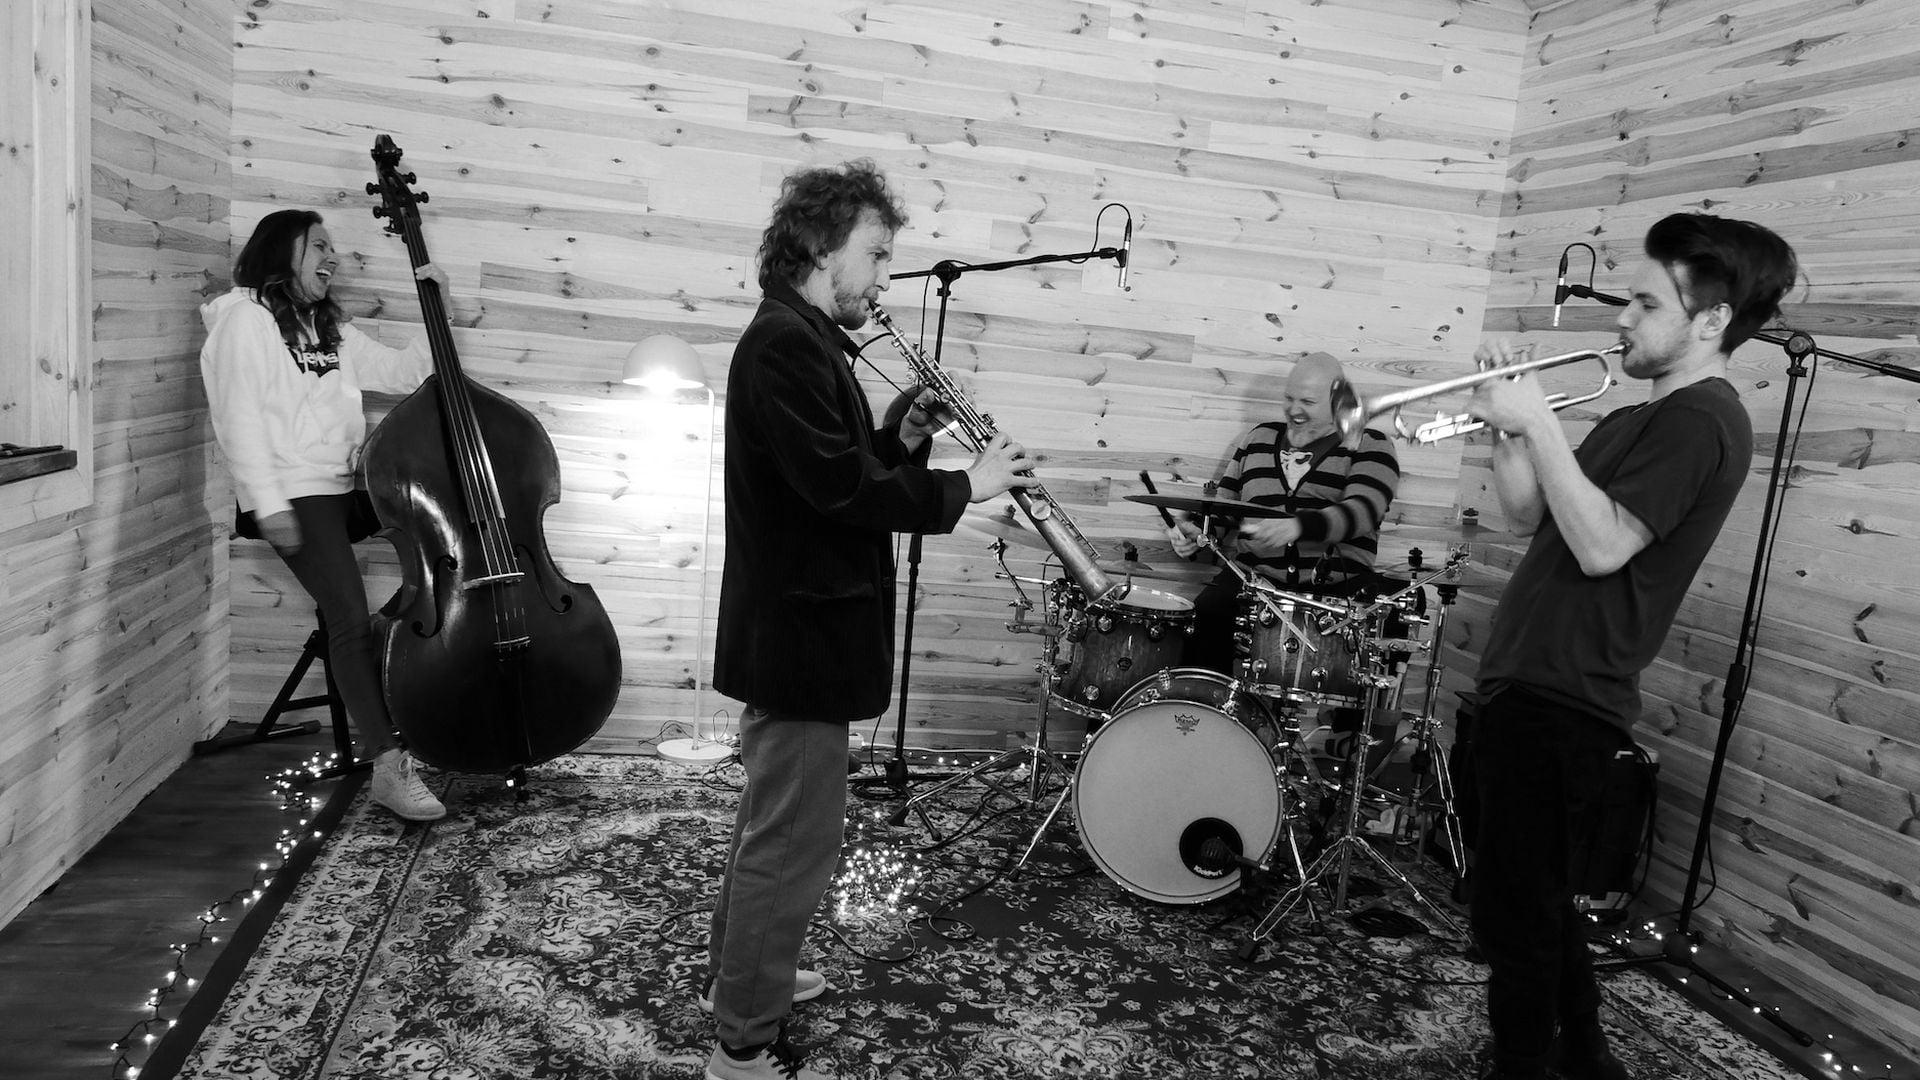 Na zdjęciu widzimy cztery osoby z instrumentami, trzech mężczyzn i jedną kobietę. Na drugim planie jest kobieta uśmiechnięta, siedzi na krześle i trzyma kontrabas oraz uśmiechnięty mężczyzna grający na perkusji . Na pierwszym planie mężczyzna grający na klarnecie. Naprzeciwko mężczyzna grający na trąbce. Zdjęcie zostało wykonane w zamkniętym pomieszczeniu.